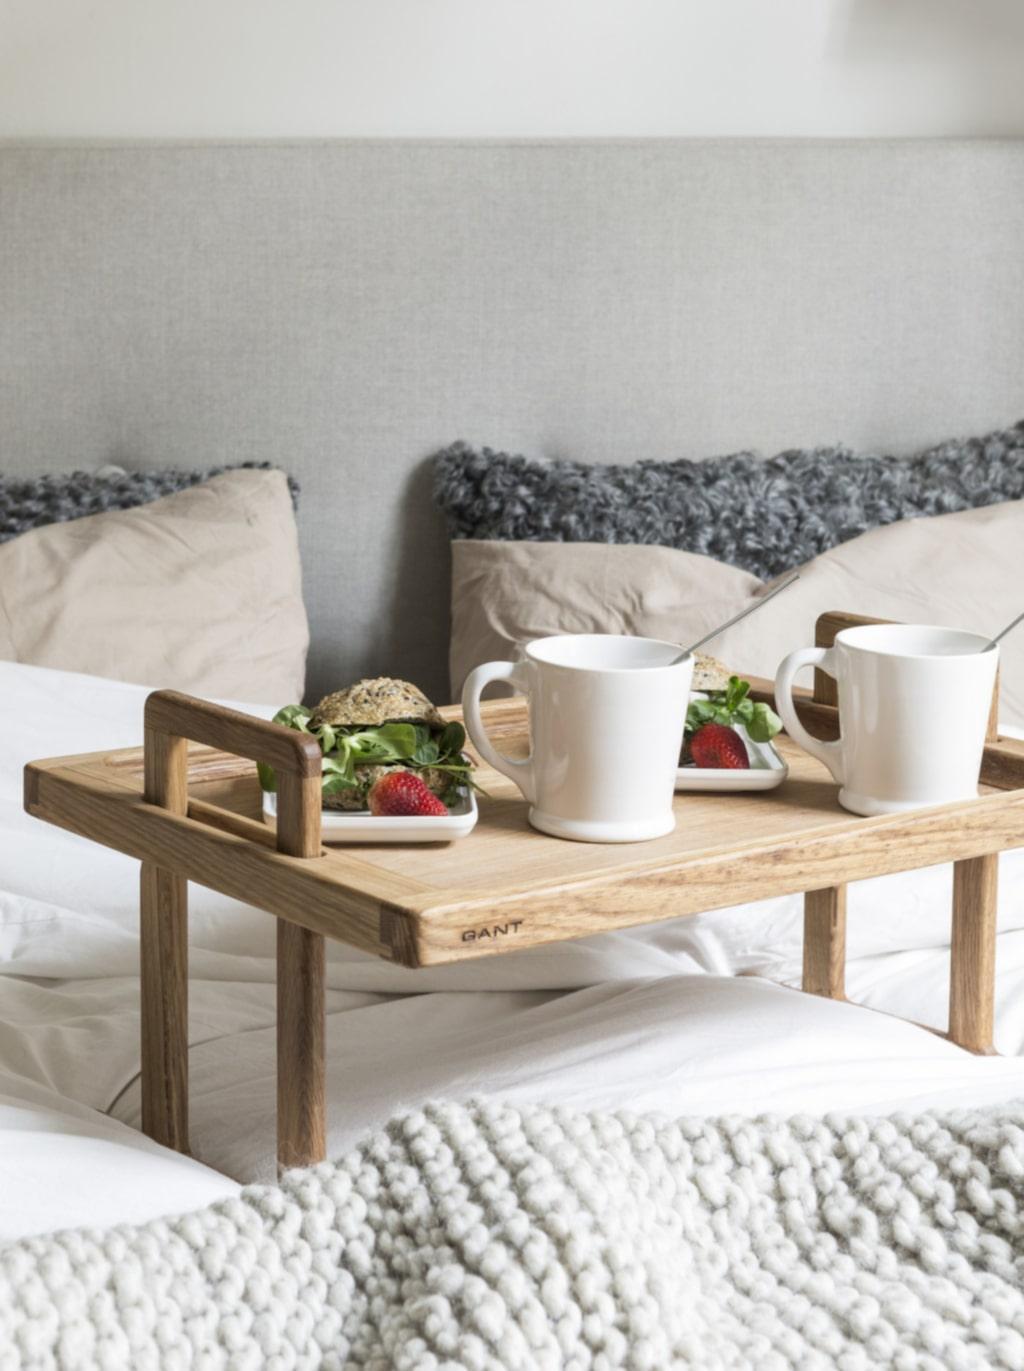 Morgonstund. På helgerna börjar dagen med frukost i sängen. Bricka och porslin från Gant, Vålamagasinet.